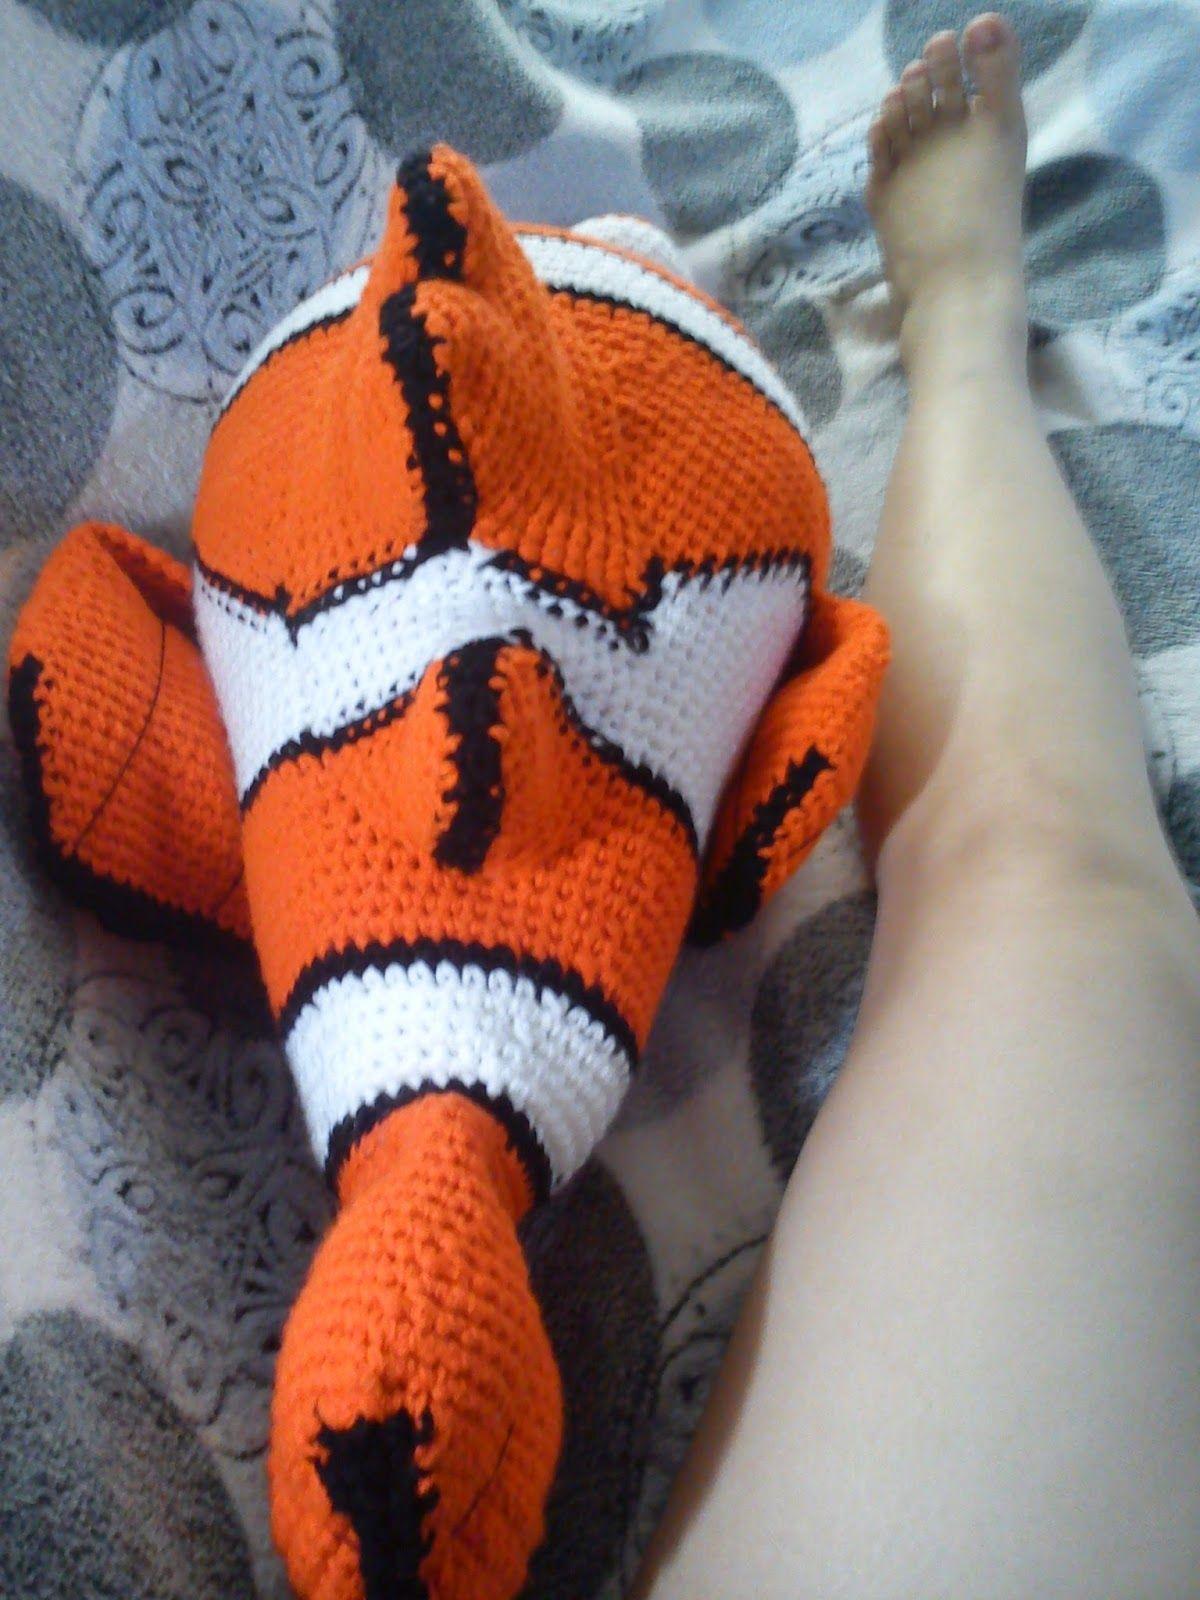 Finding Nemo   The Duchess\' Hands   Häkeln   Pinterest   Häkeln